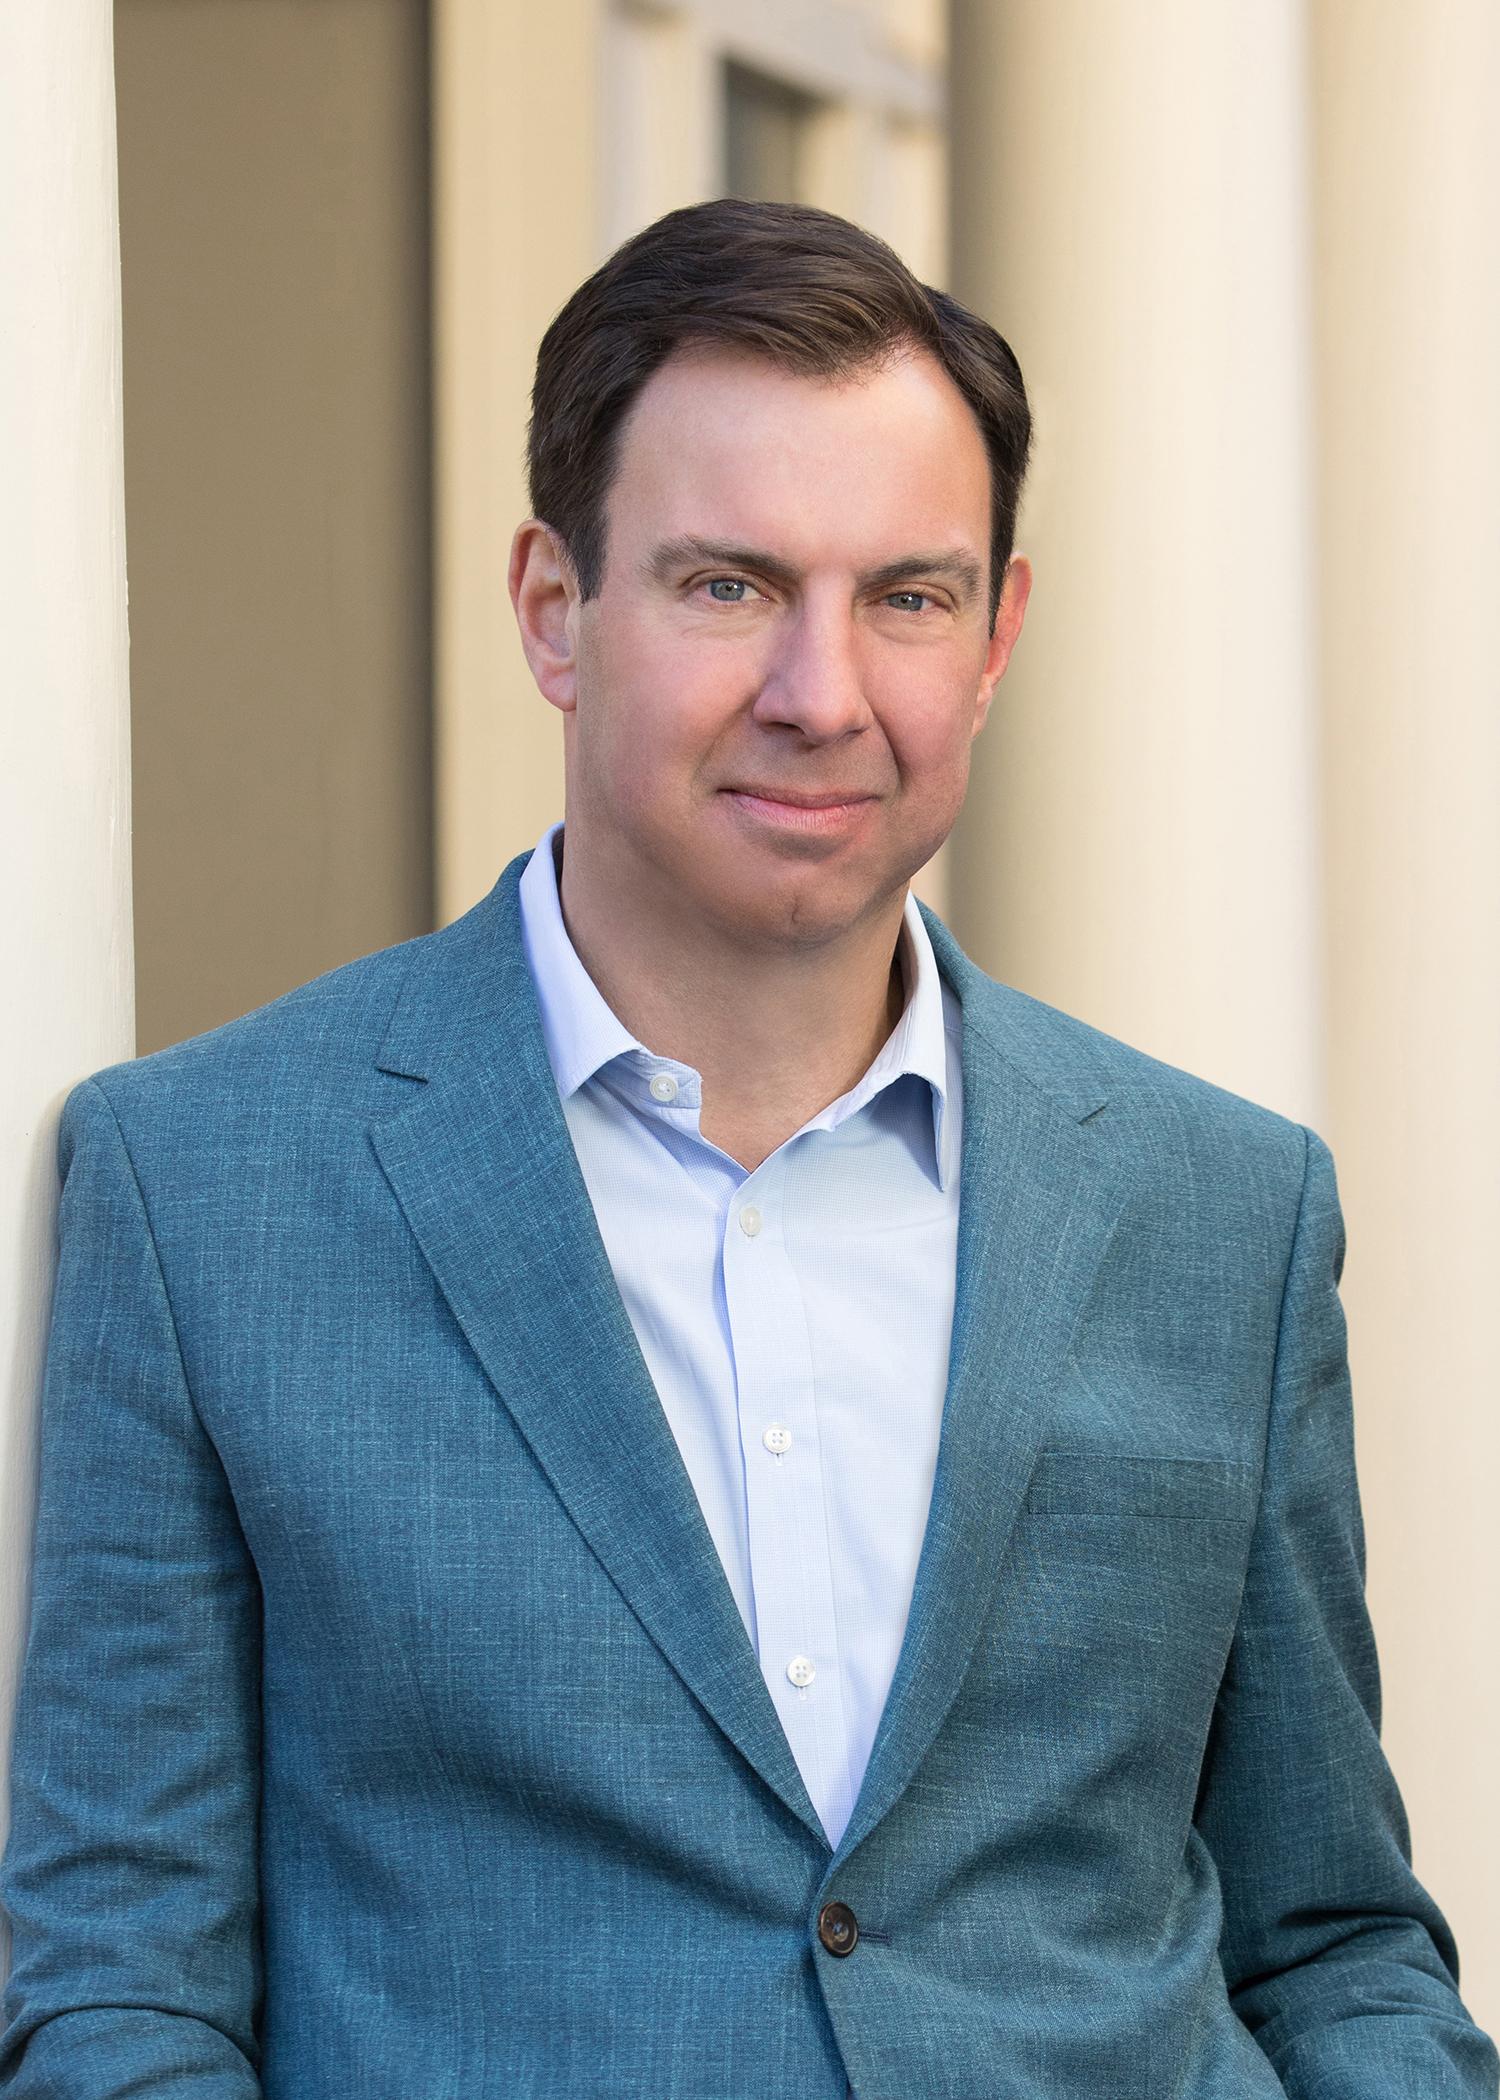 Jonathan F Putnam